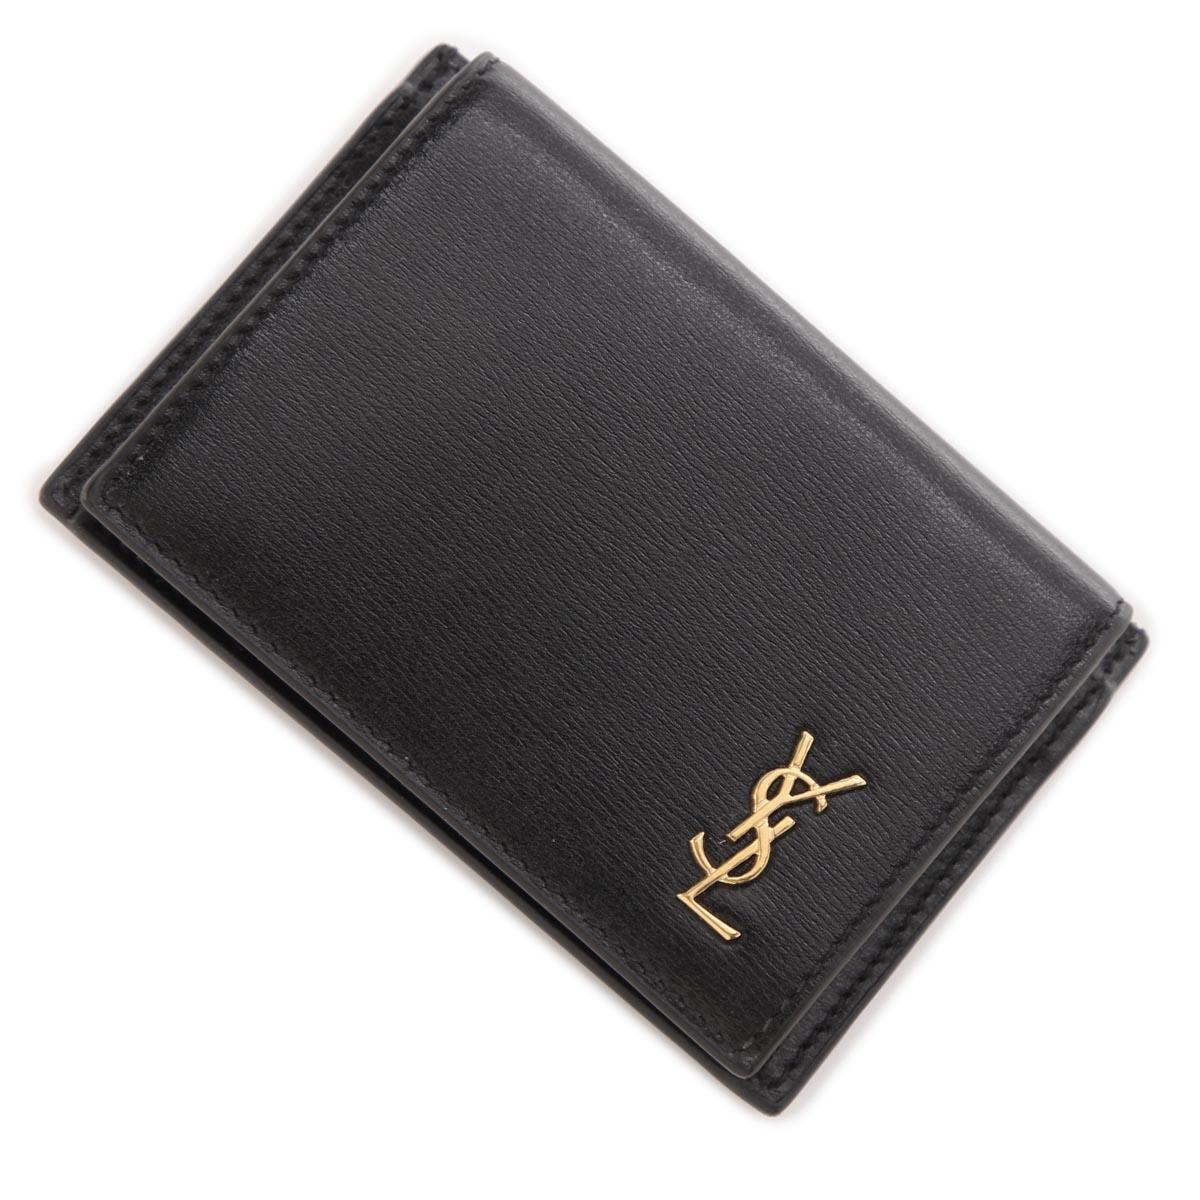 送料無料 サンローラン SAINT LAURENT カードケース TINY 市場 ブラック レディース 1000 02g0j 635264 ラッピング無料 返品送料無料 あす楽対応_関東 信託